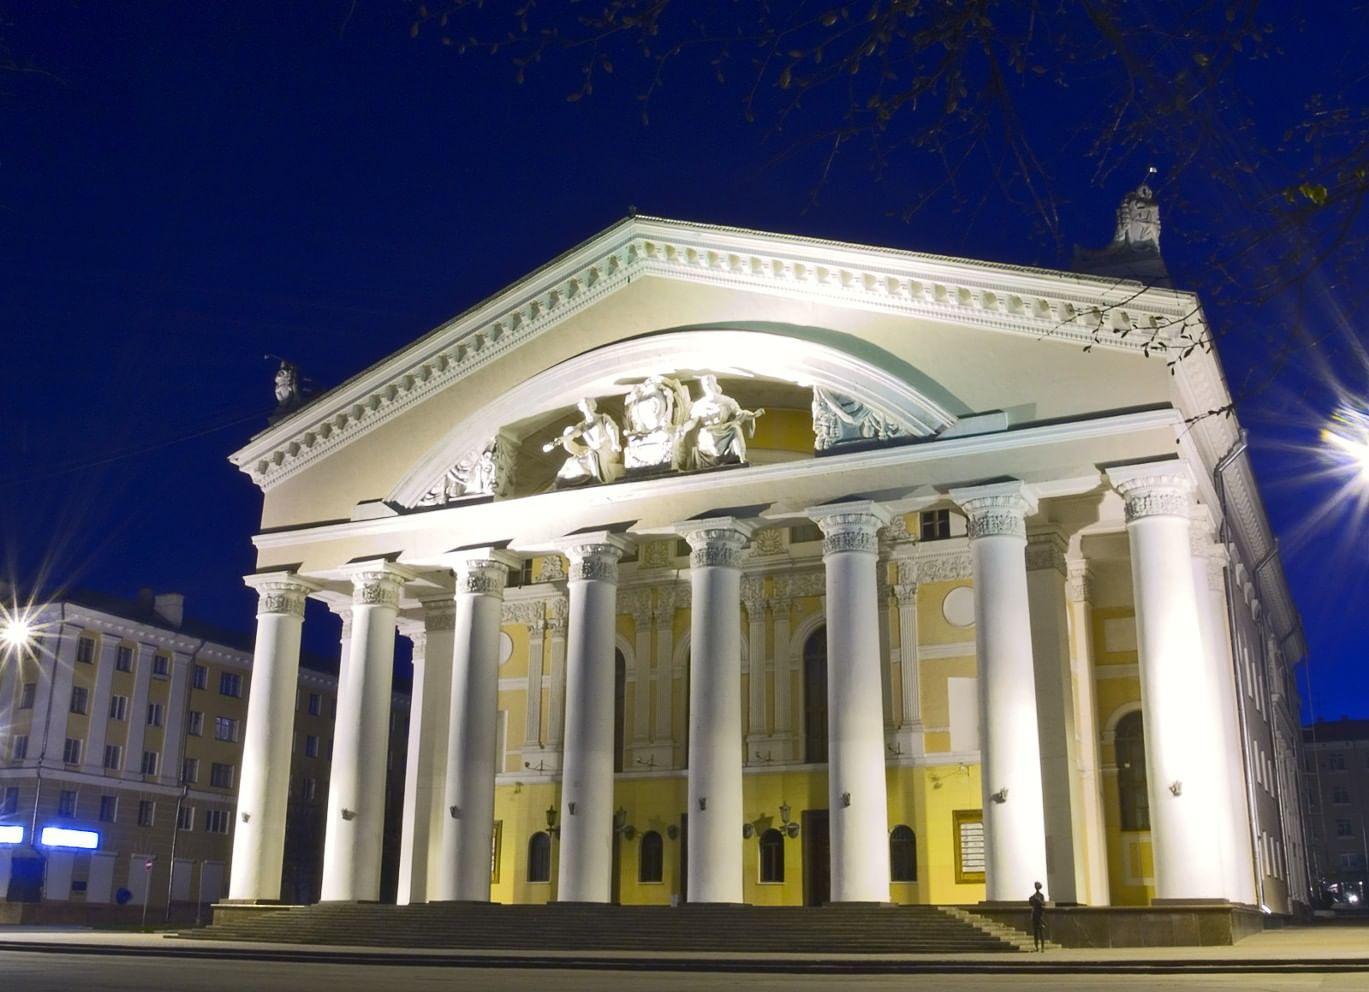 «Актёр&Коврик» - первый фестиваль моноспектаклей состоится в Калуге. Галерея 2.1